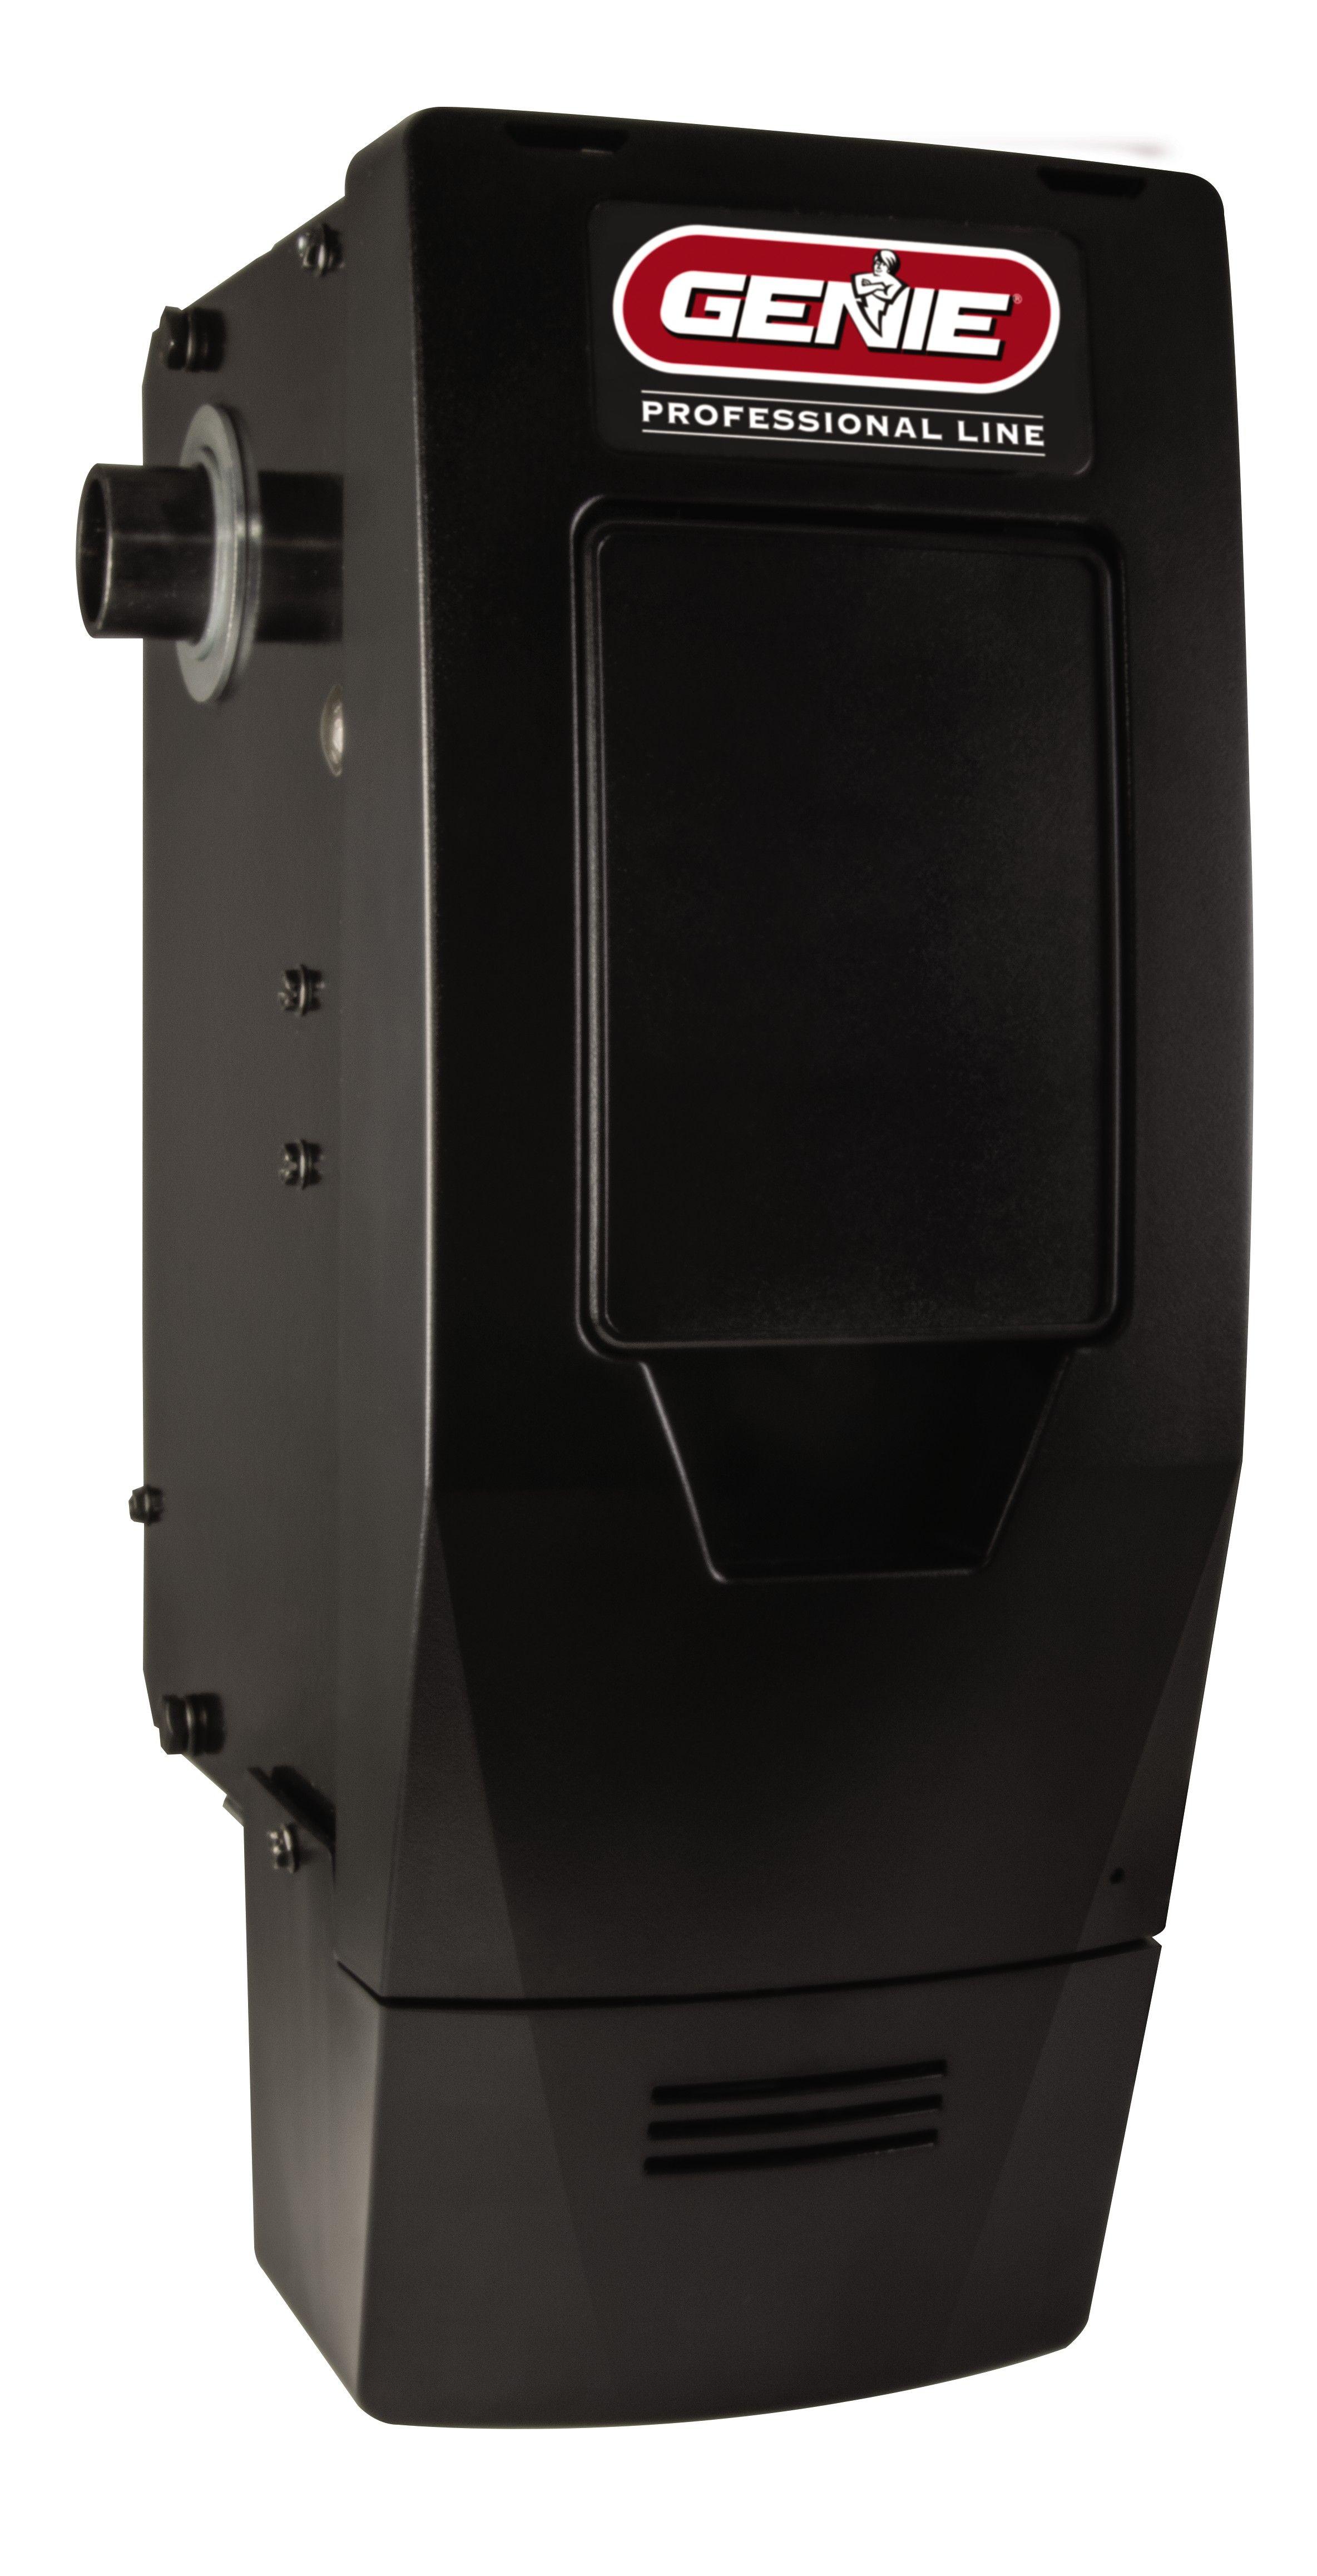 GENIE 1035V 12 HP DC Motor ChainDrive Garage Door